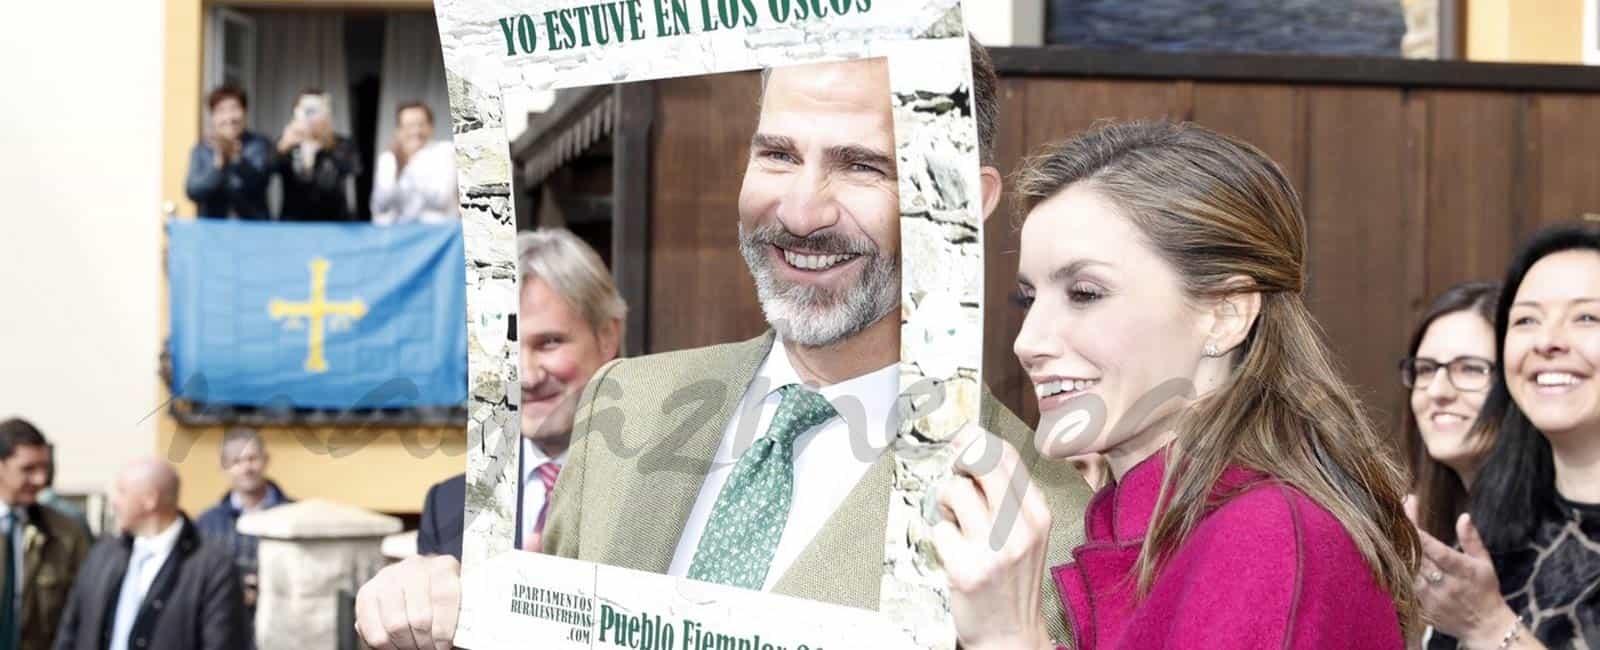 Los Reyes reciben el cariño de la comarca de los Oscos, Pueblo Ejemplar de Asturias 2016